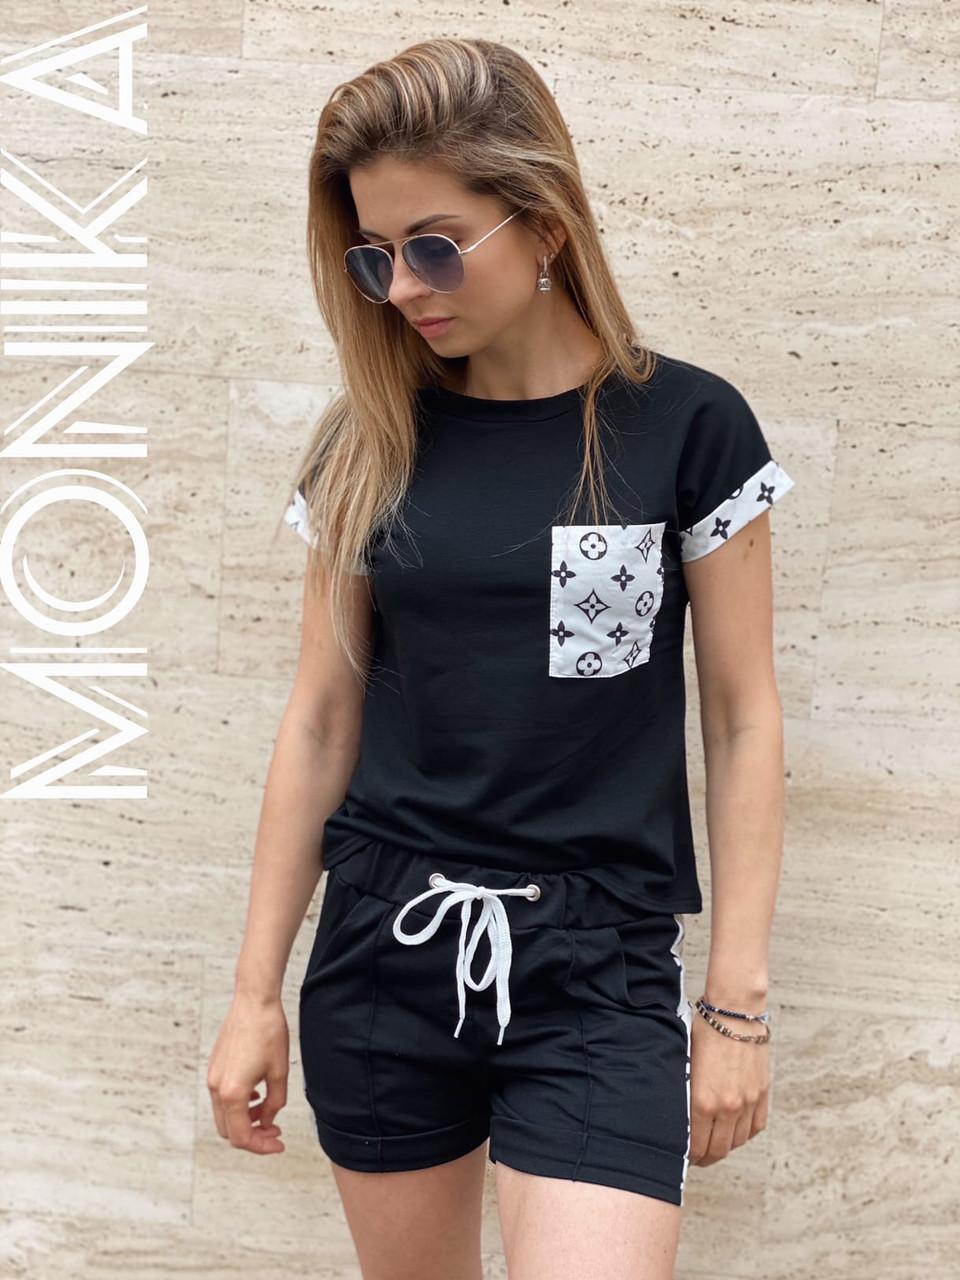 Женский стильный летний прогулочный костюм, футболка+шорты (двух нитка+сублимация софт)